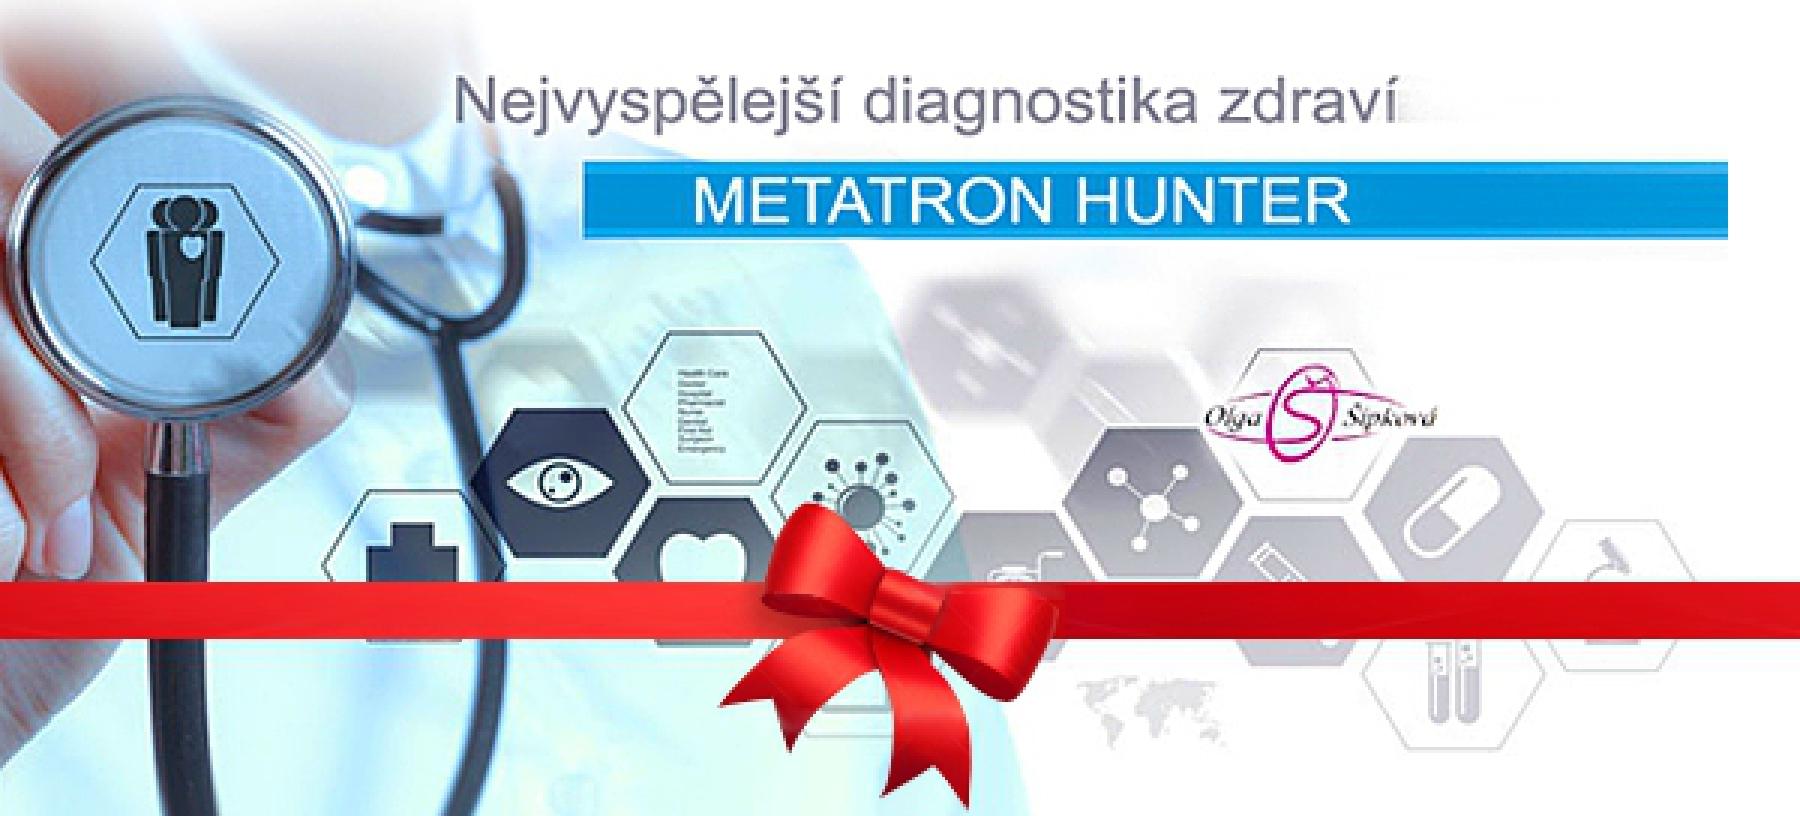 Diagnostika zdravotního stavu včetně 3D skenování